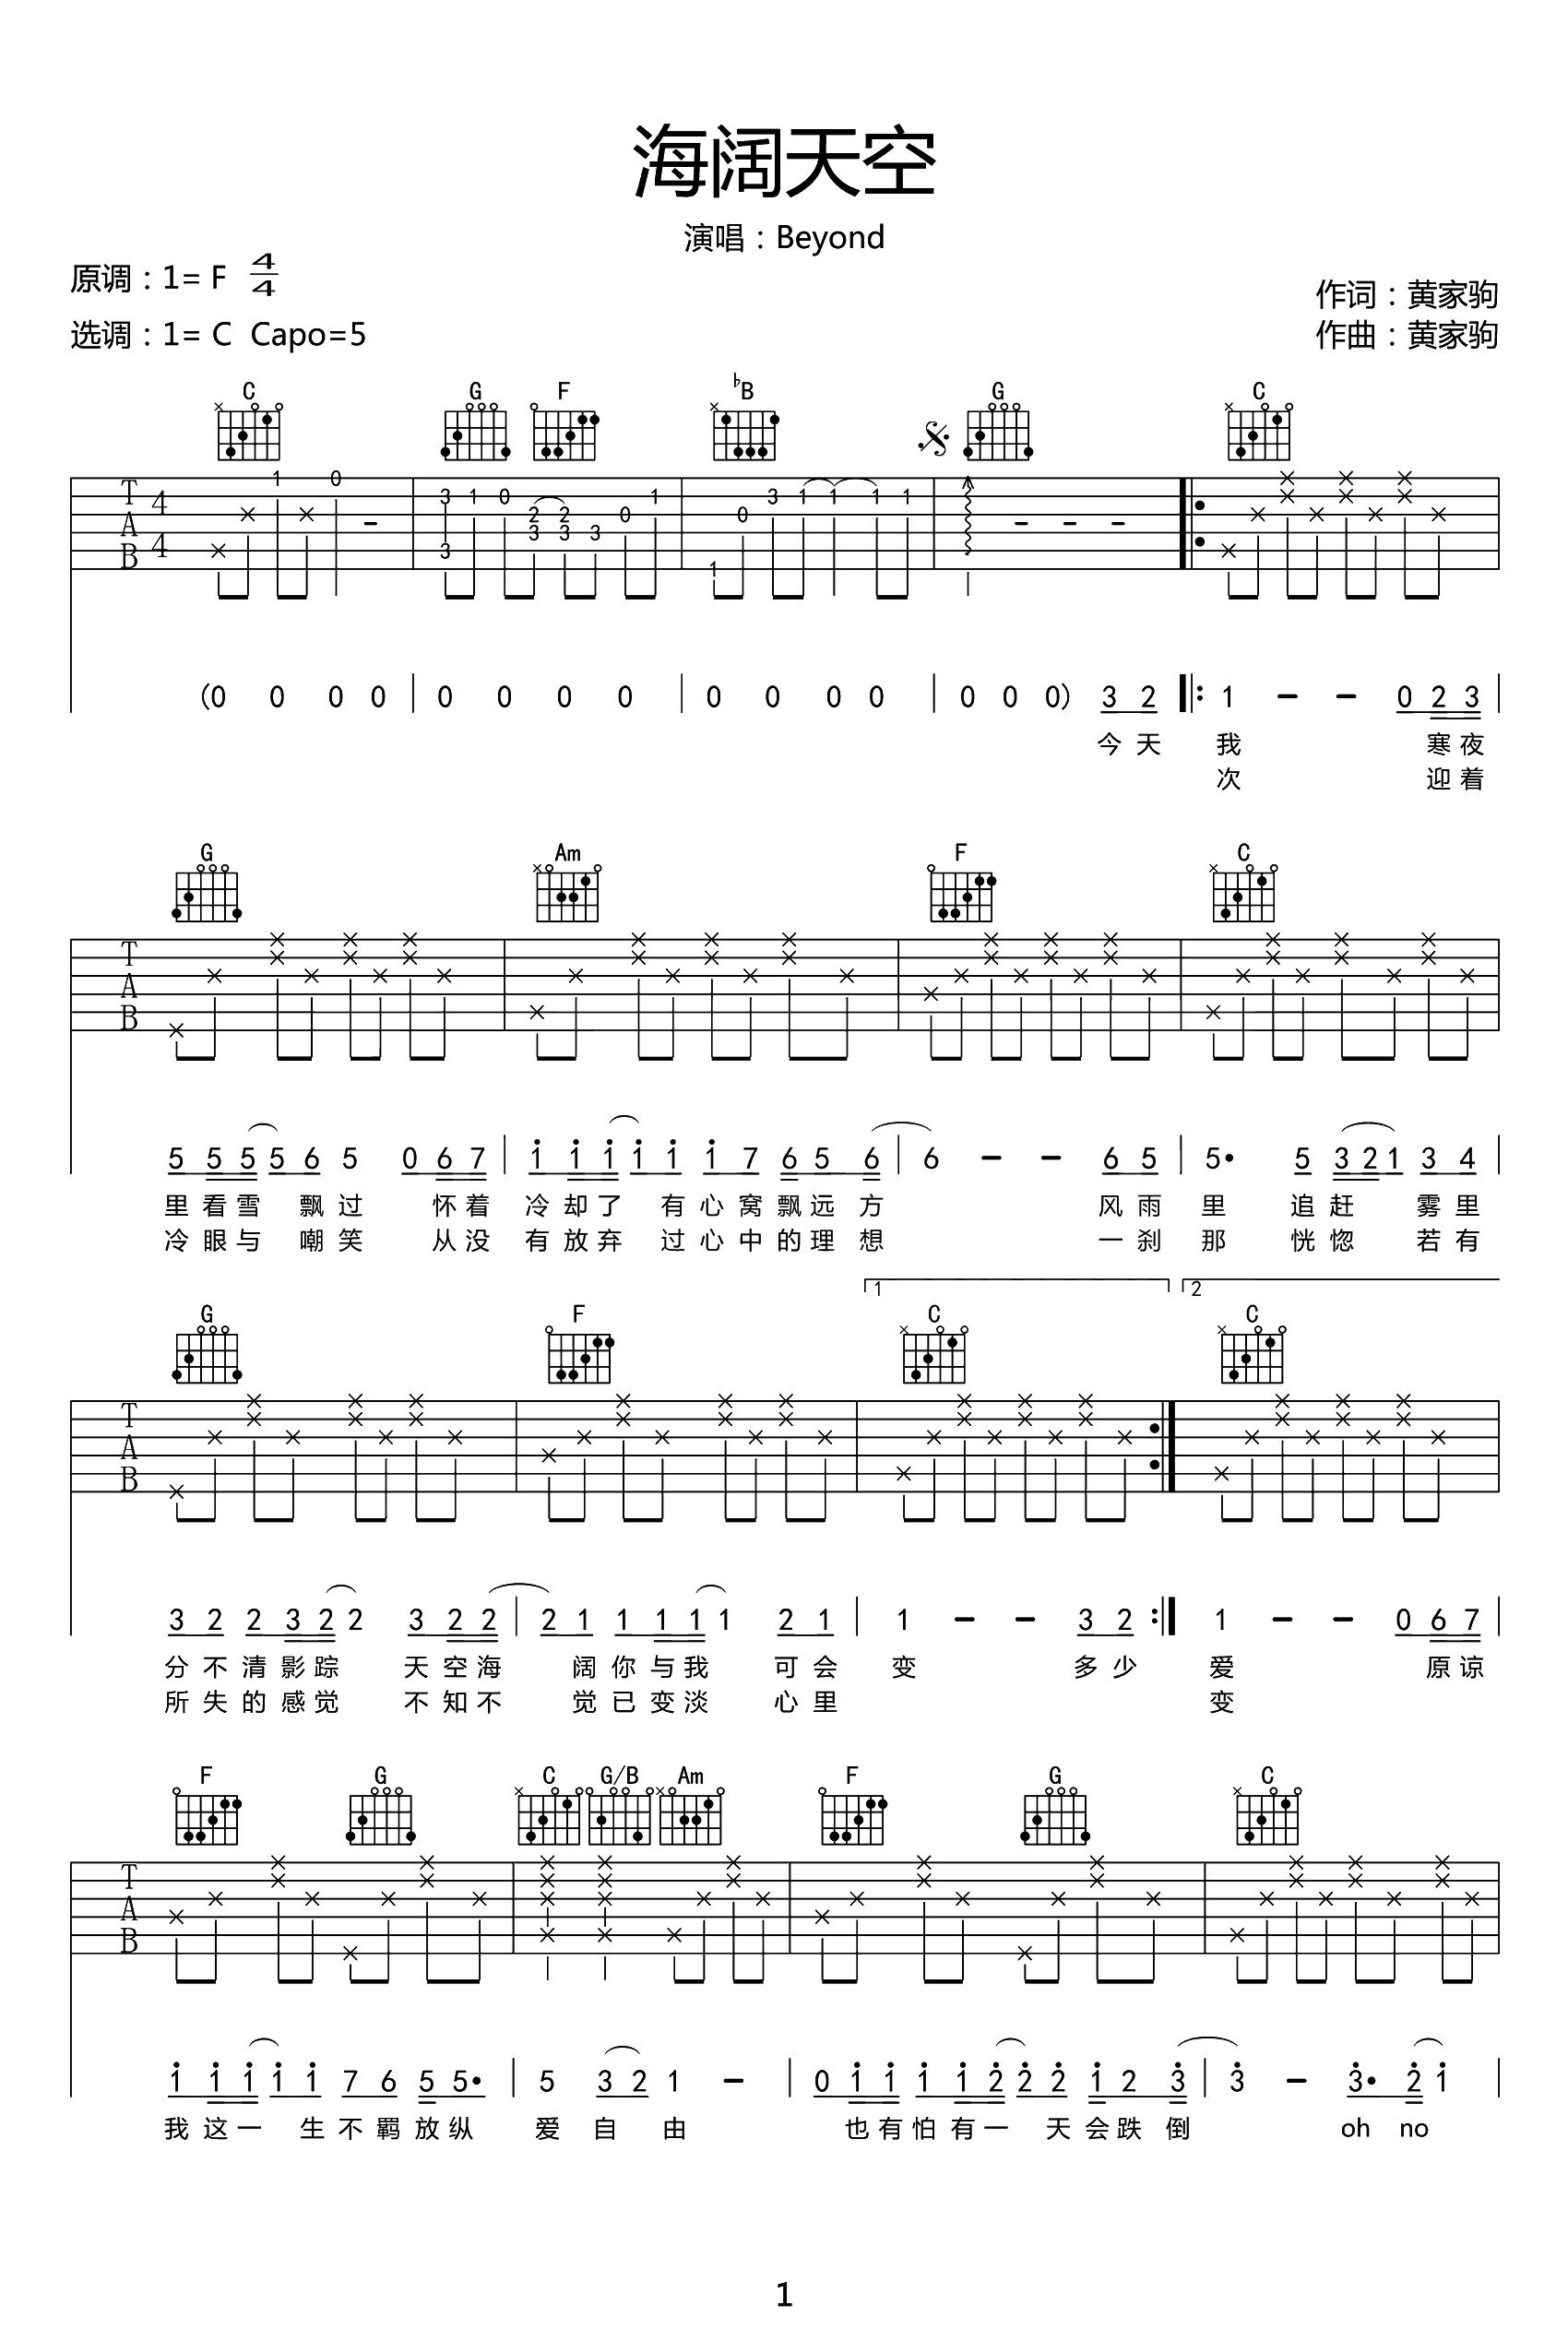 海阔天空吉他谱 Beyond-1